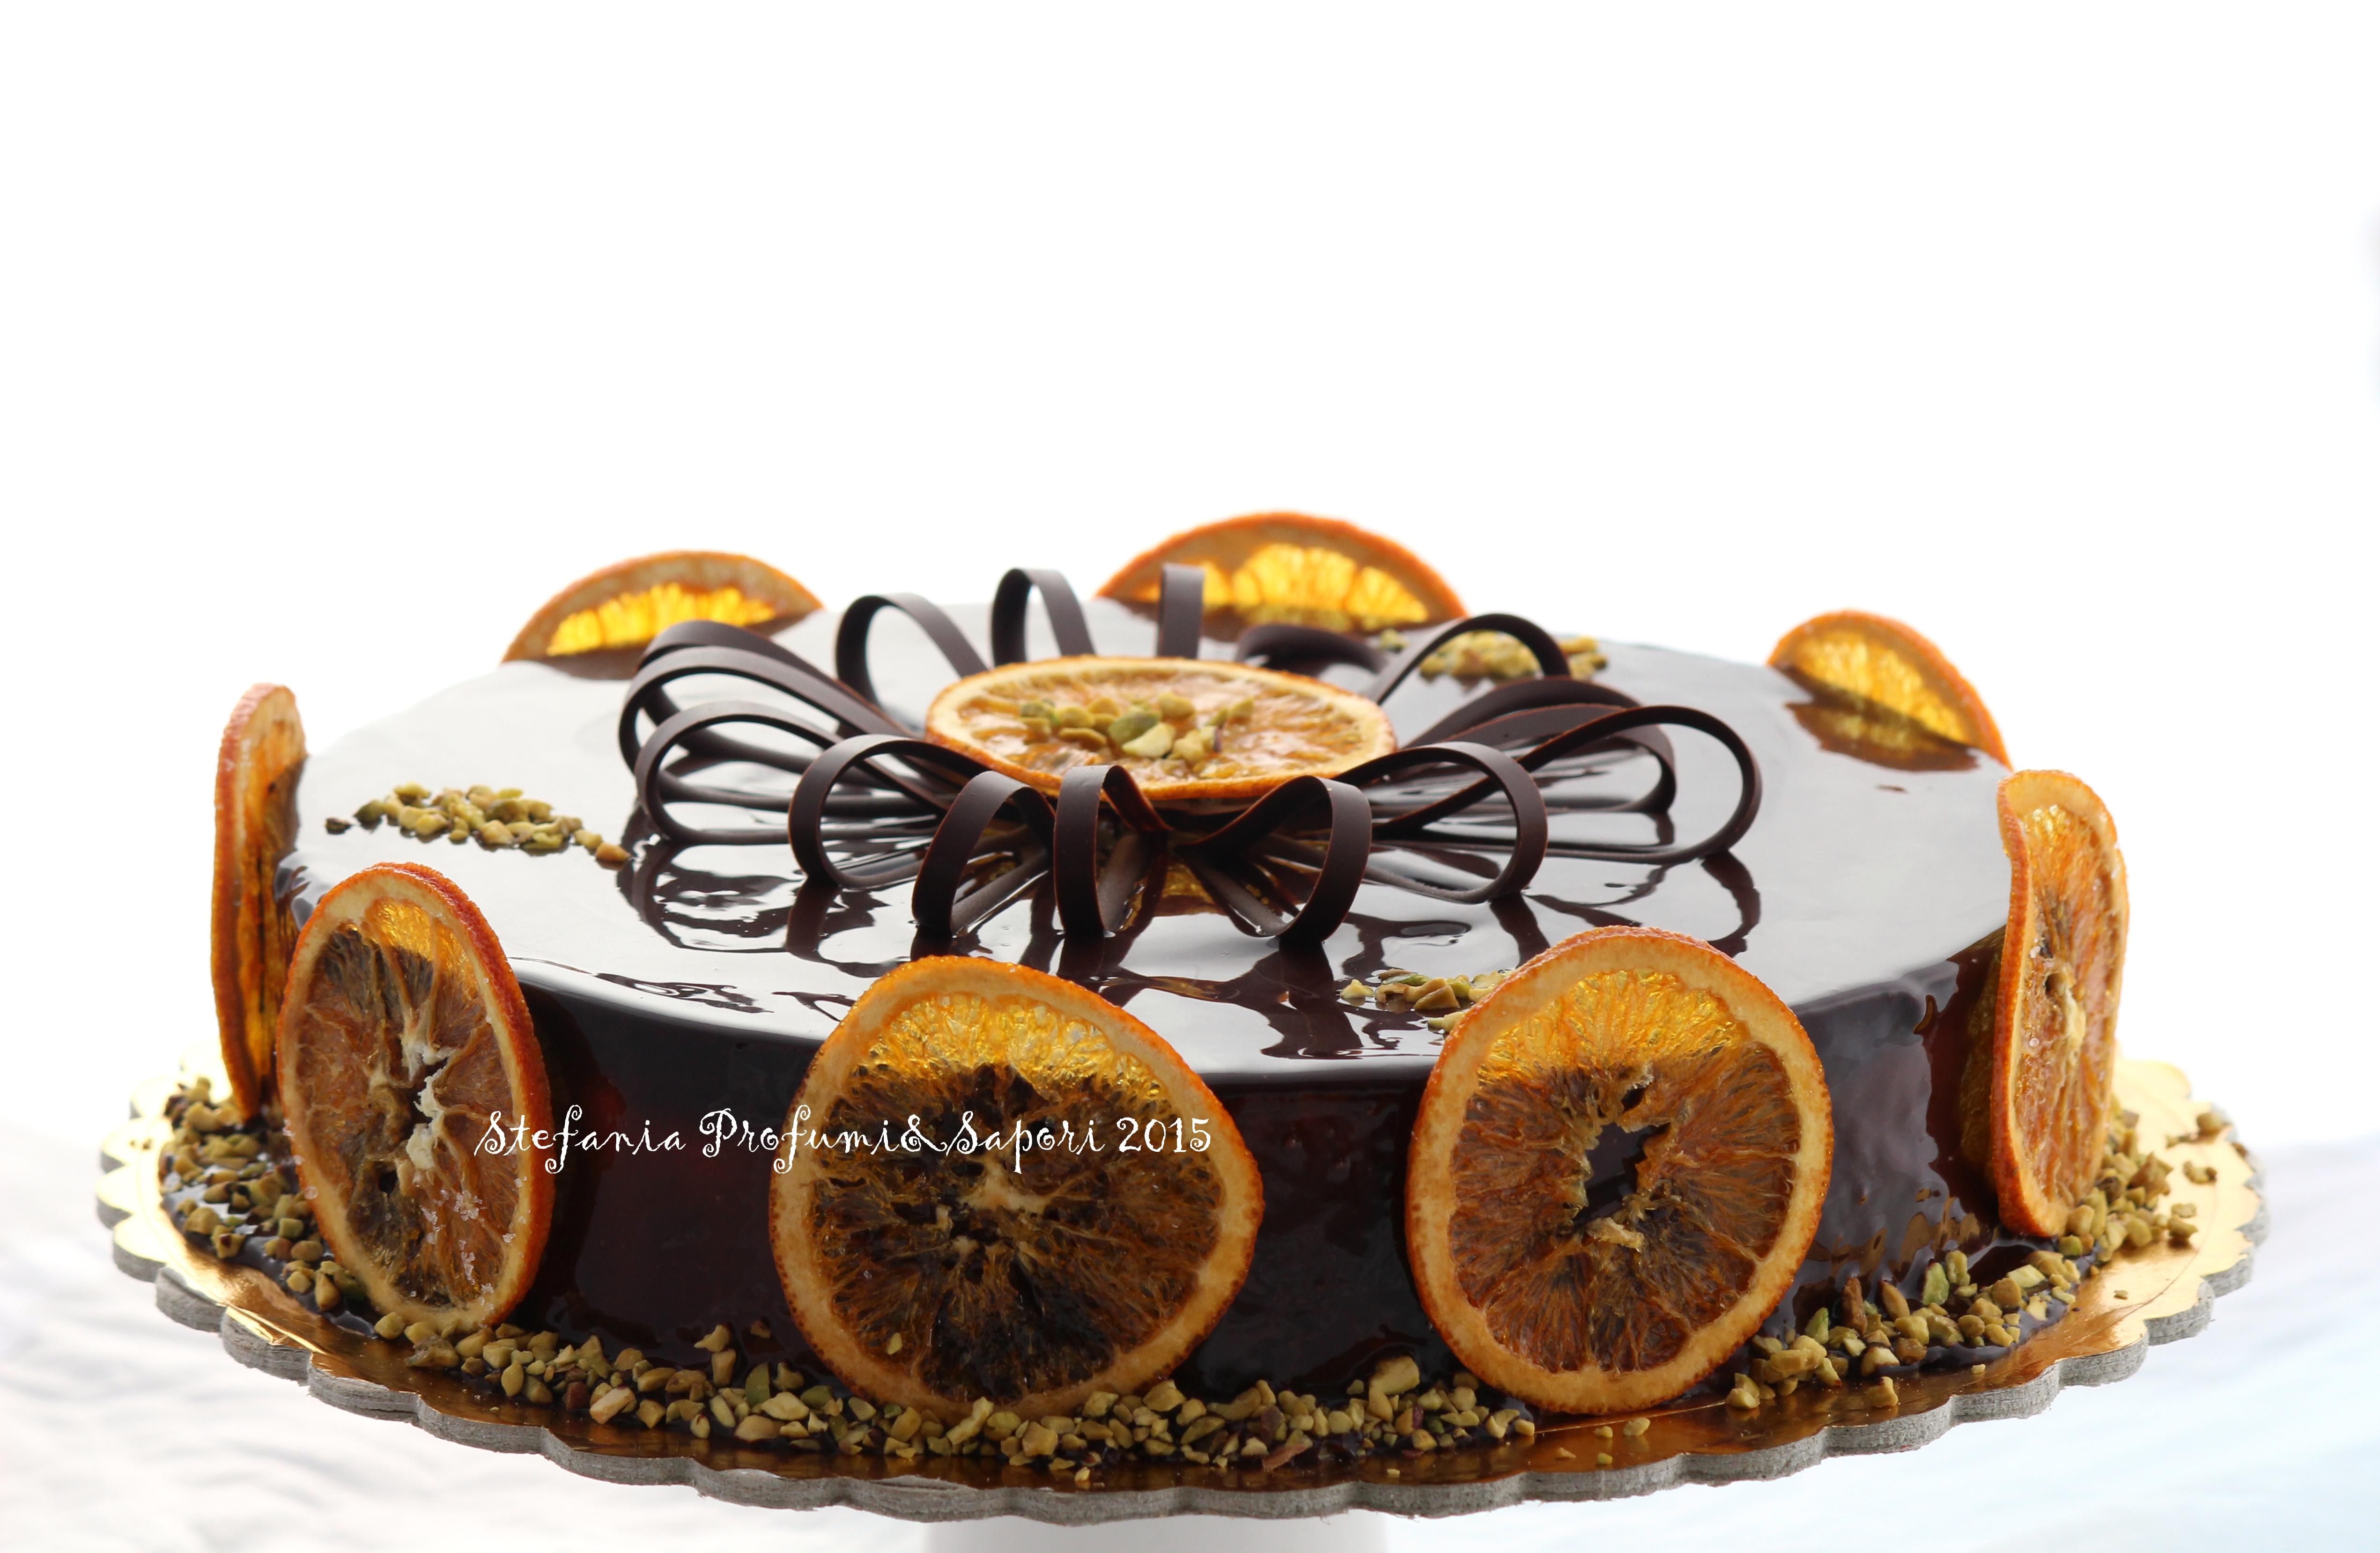 Ricetta Salame Al Cioccolato Montersino.Torta Chantilly Al Grand Marnier Pistacchio E Cioccolato Di Luca Montersino Stefania Profumi E Sapori